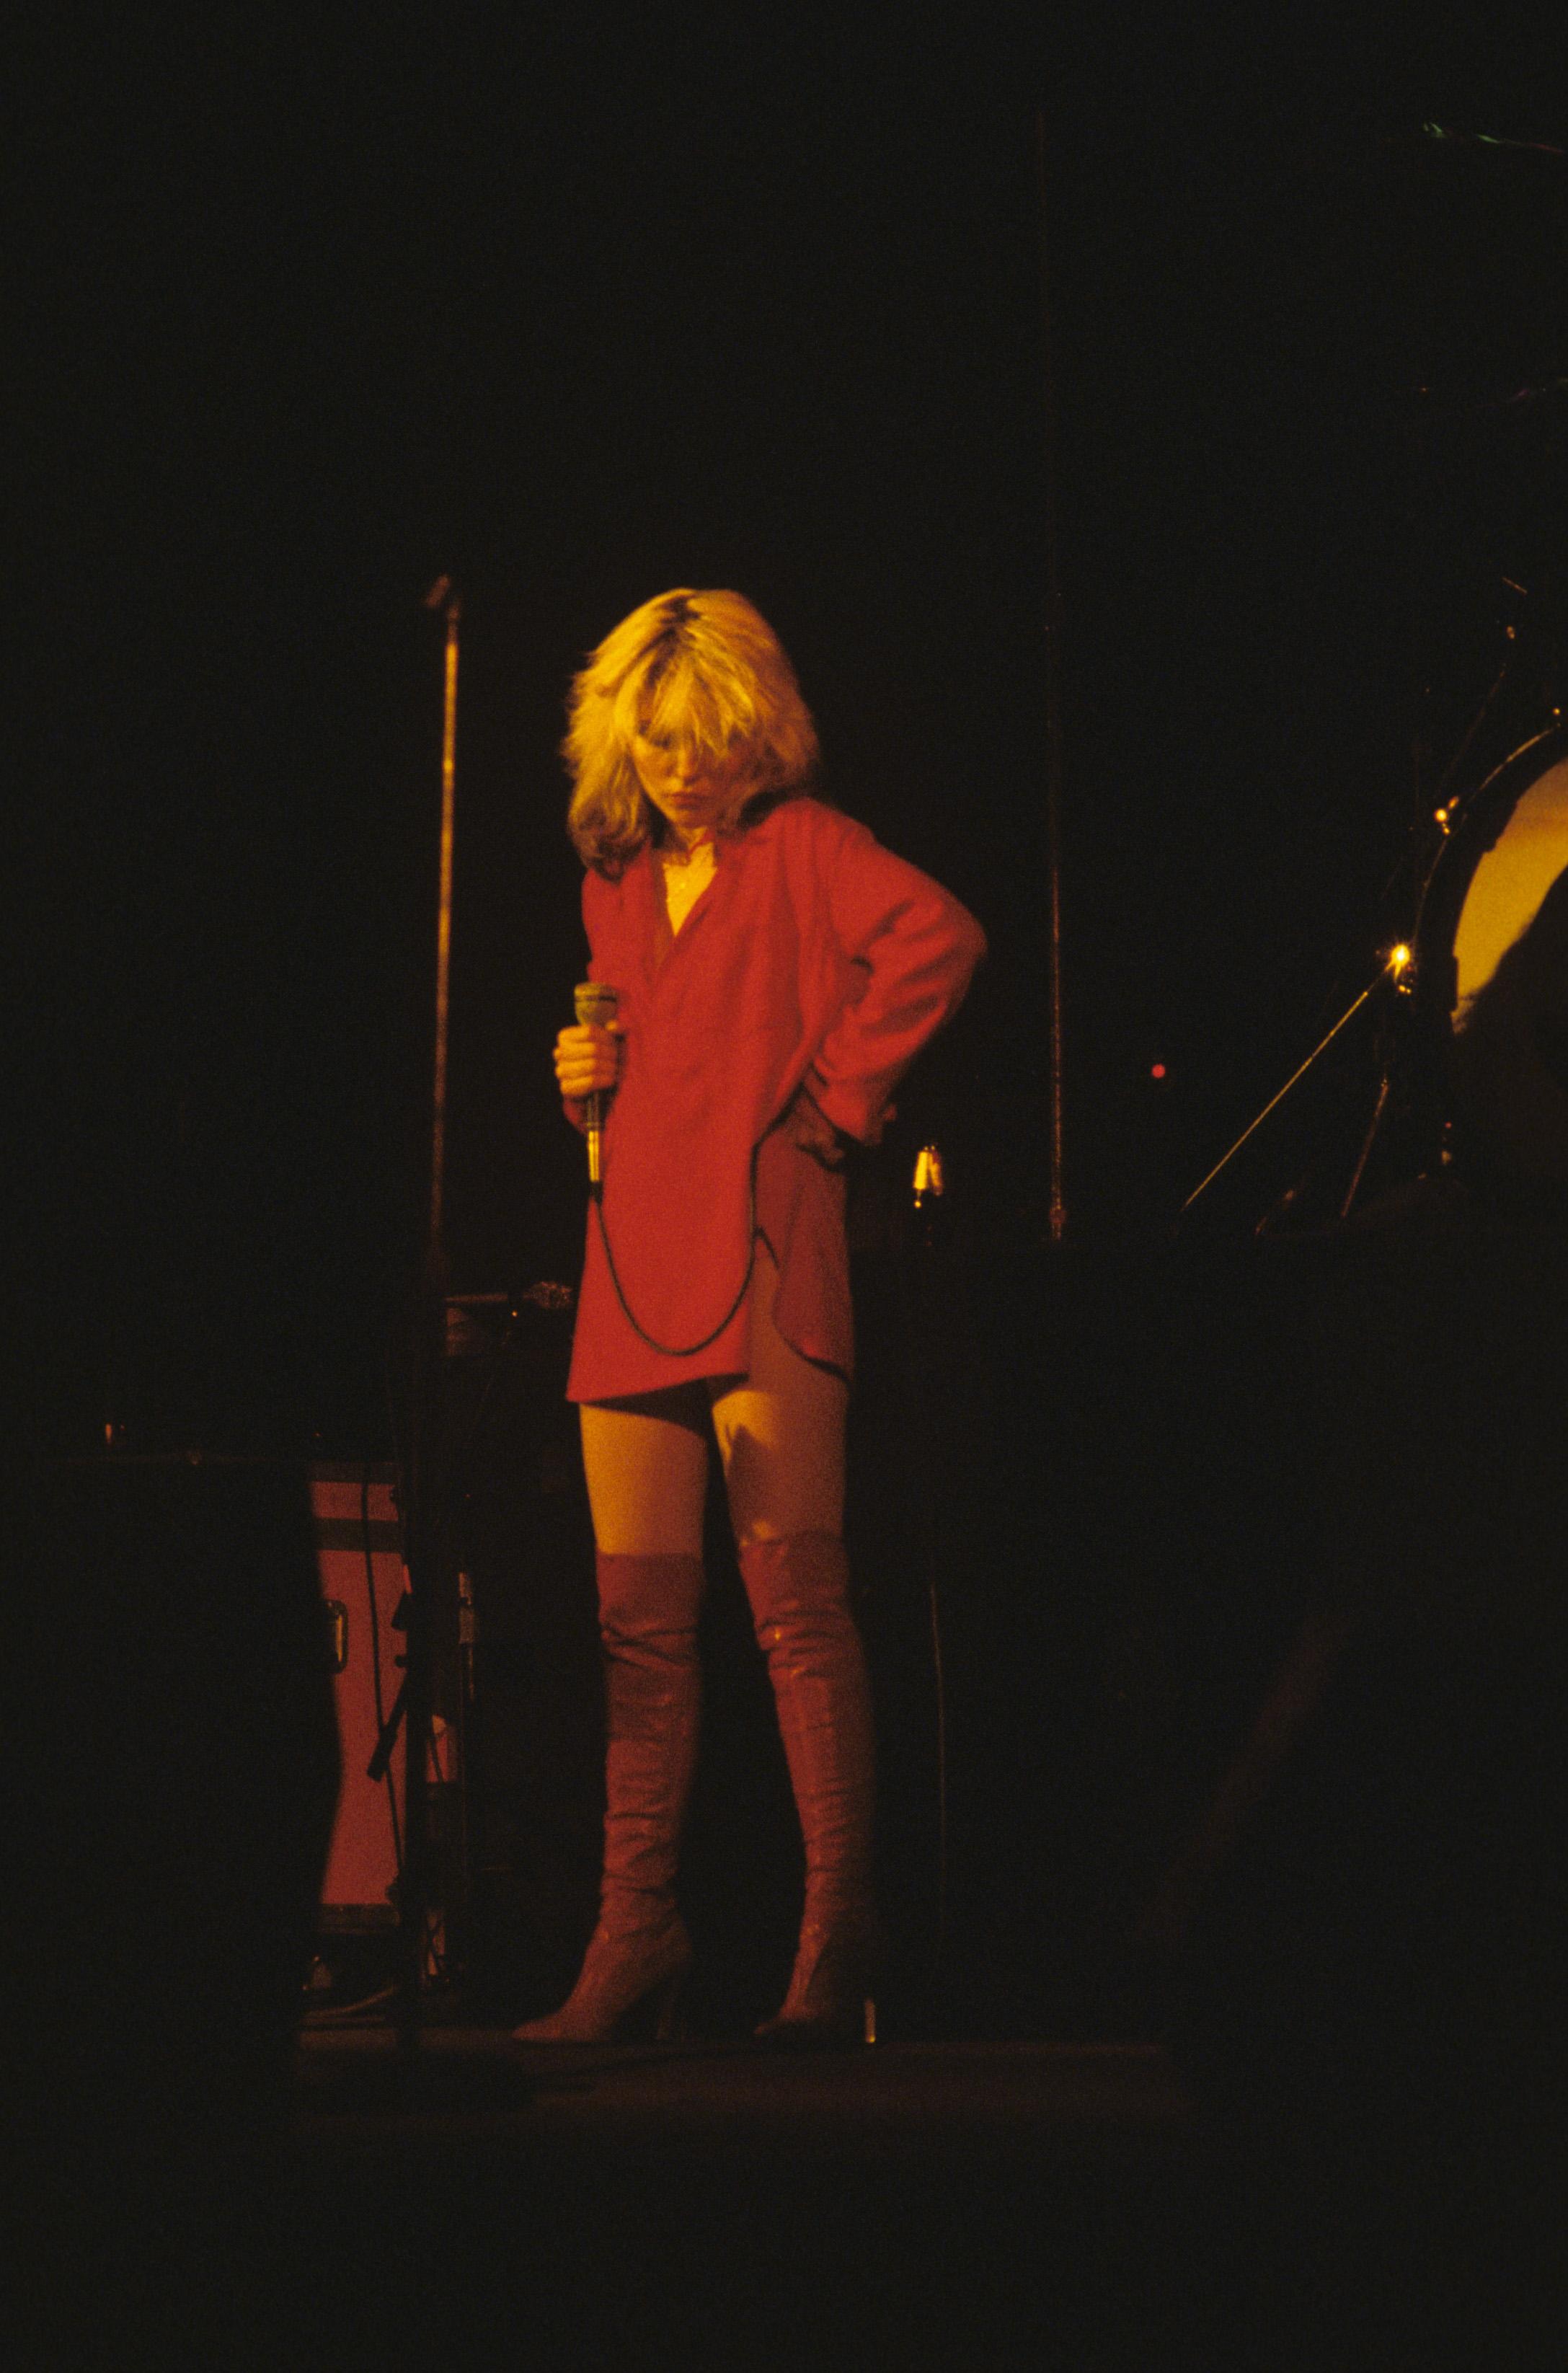 Blondie's Debbie Harry at the Palladium. Photo: Waring Abbott/Getty Images